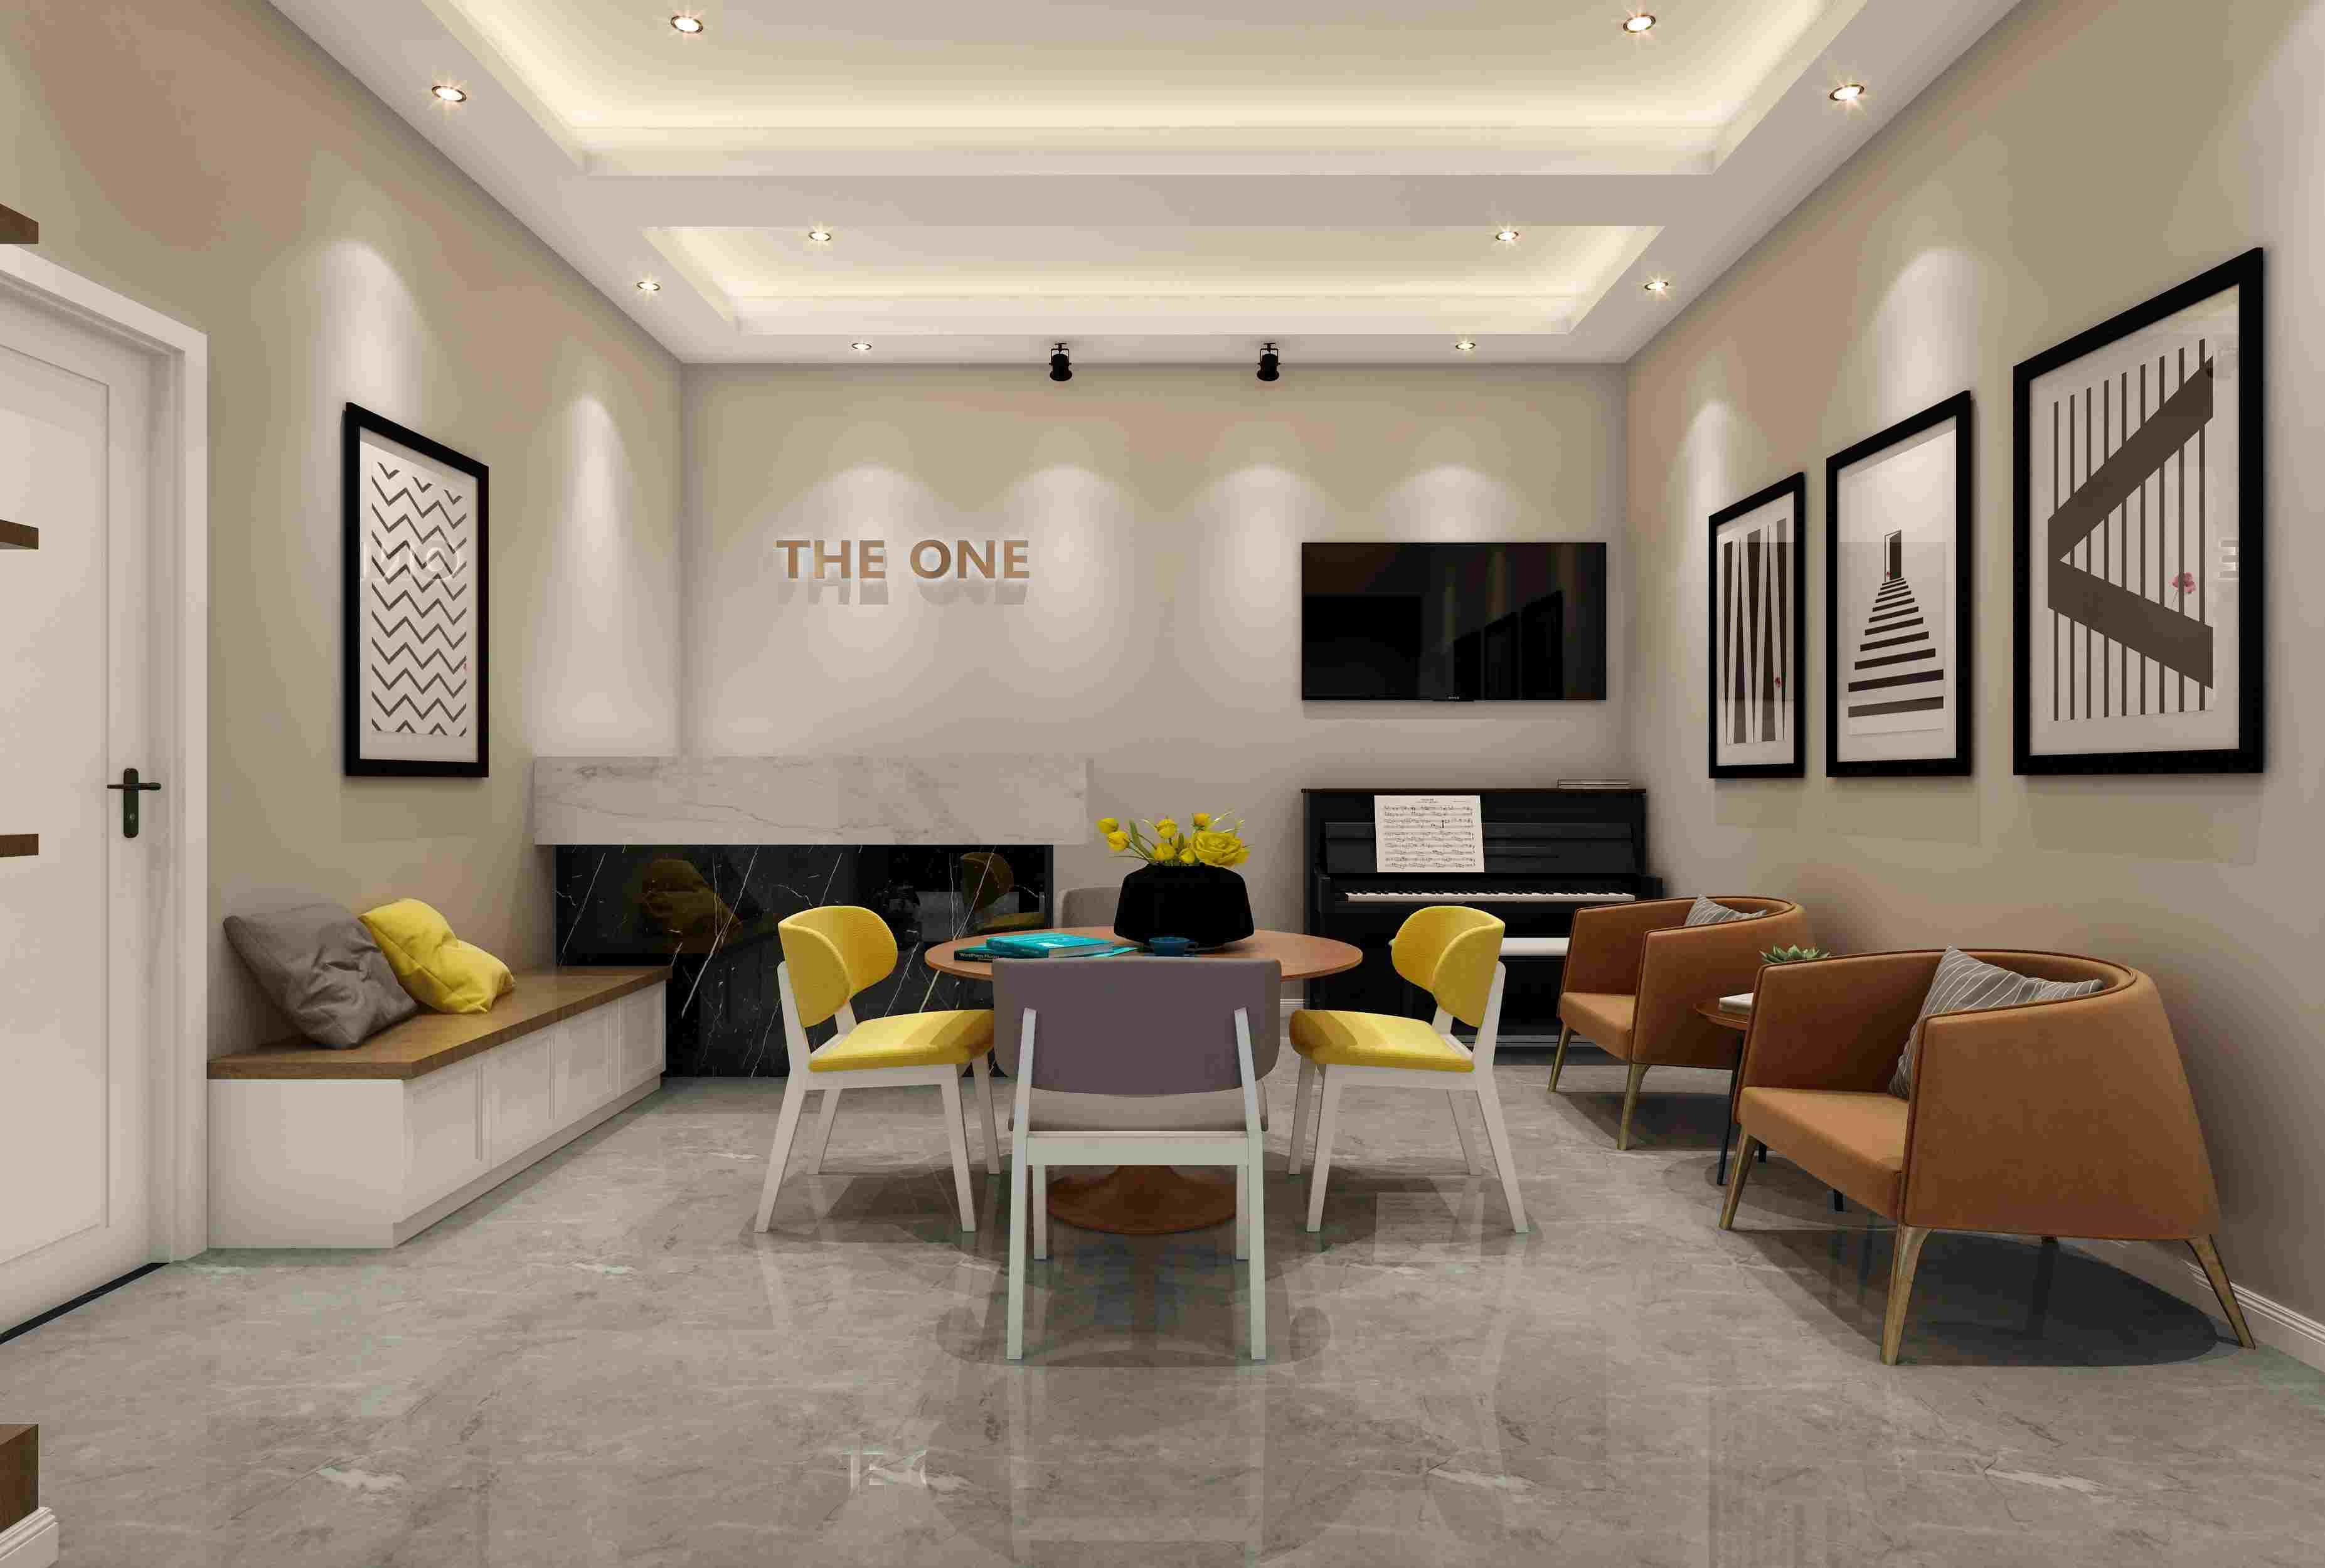 灯光设计,琴行设计灯光-般分为:基本照明、装饰照明、重点照明。灯光设计的重点照明为大厅的三角钢琴展区,突出商品的特色,而辅助展示区运用暗淡的灯光,弱化其效果。